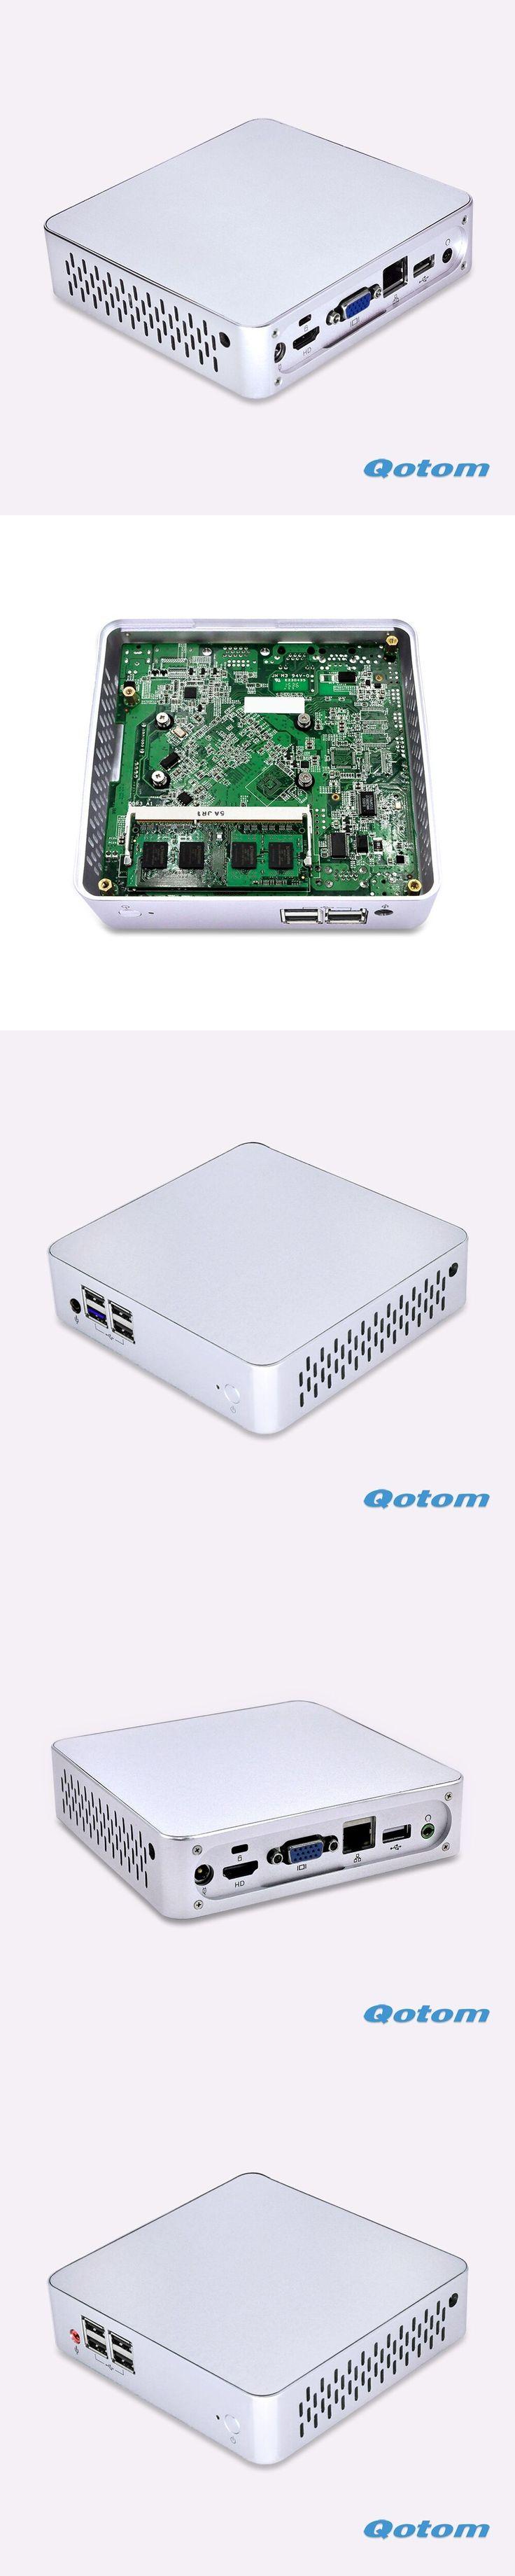 DHL Free shipping Celeron C1037U Ubuntu micro computer ITX dual core 1.8G Dual display Win 10